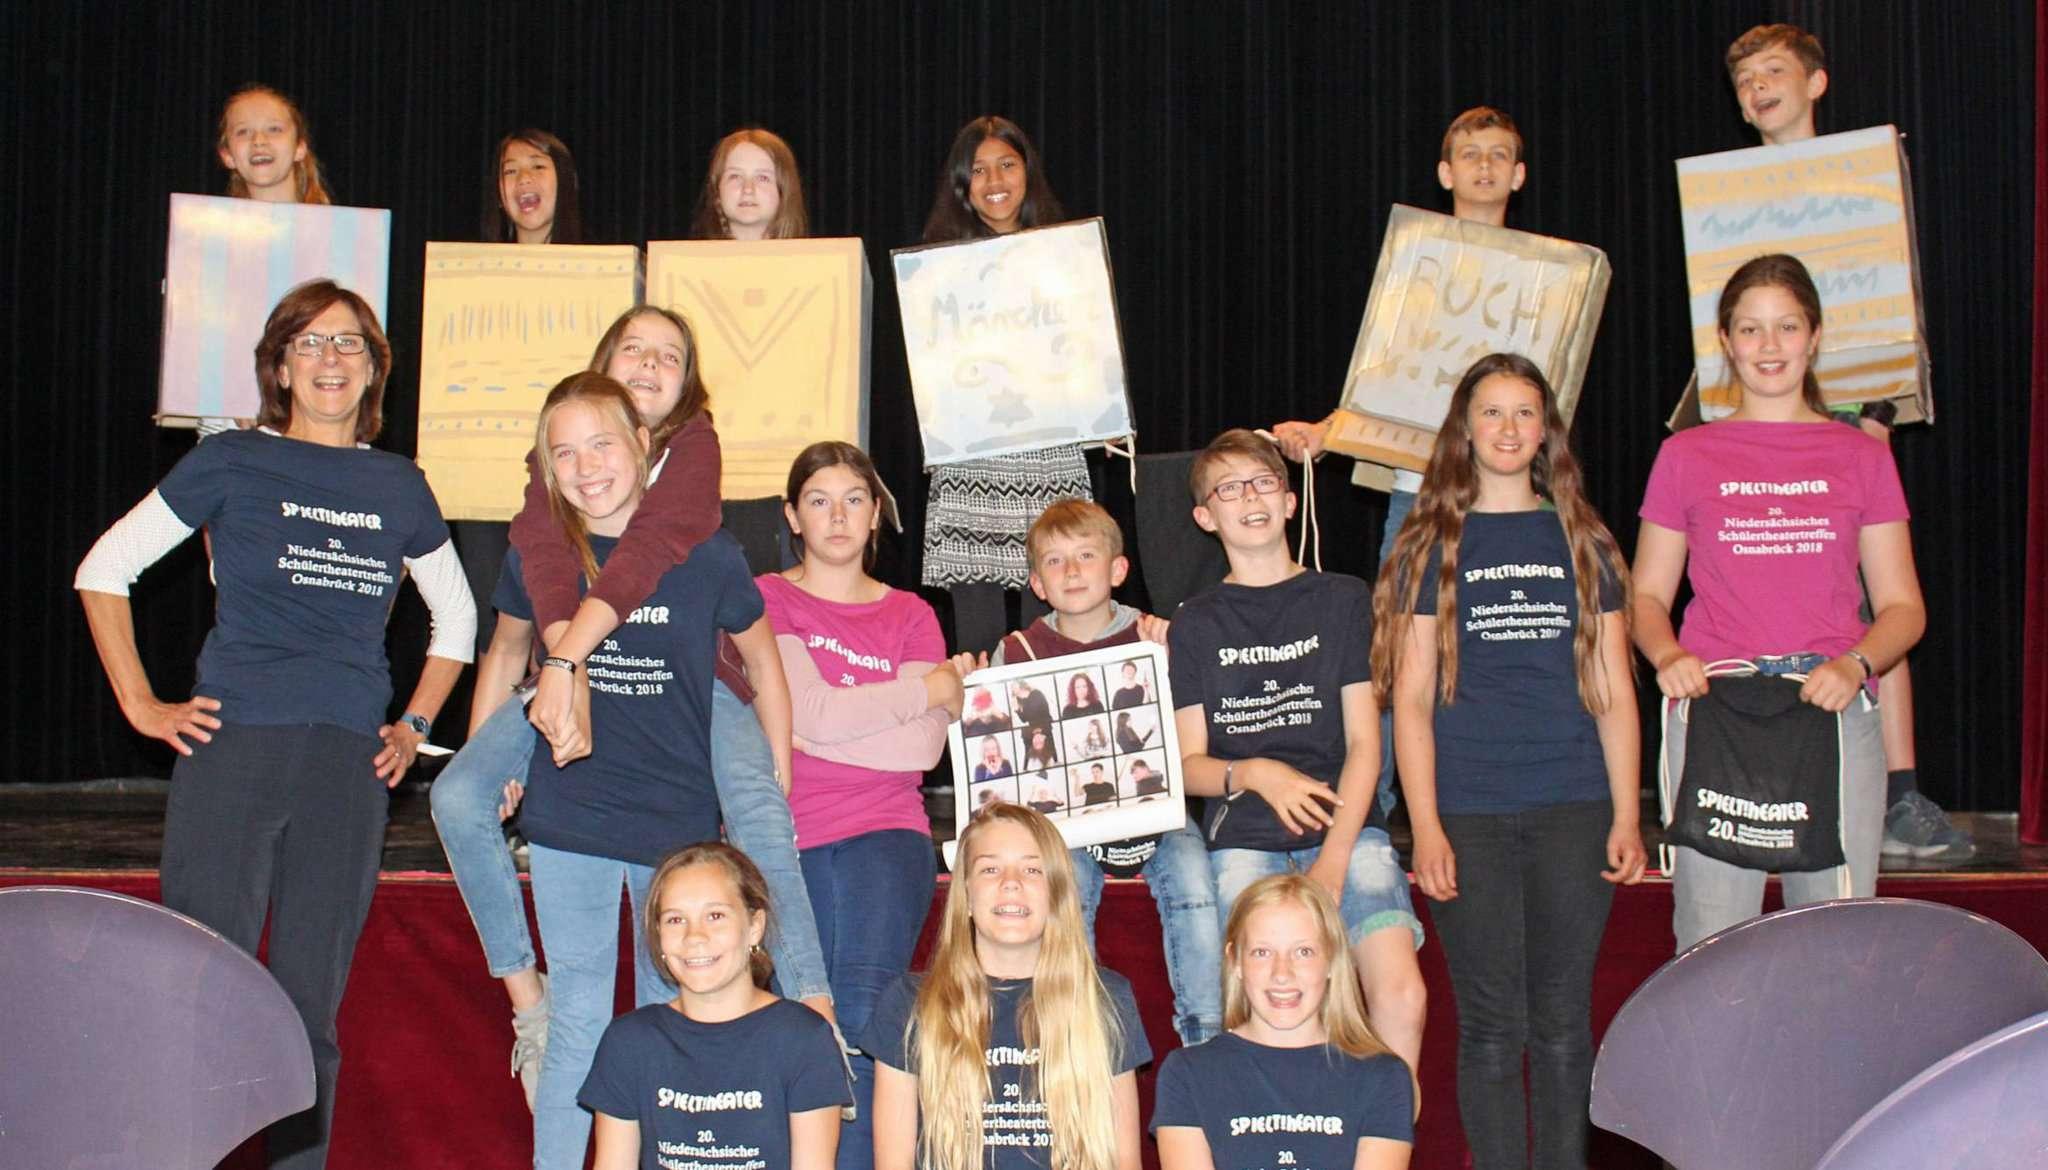 Auch wenn es kleinere Hürden gab, die Sechstklässler sind stolz auf ihre Leistung und dass sie beim Schülertheatertreffen dabei sein konnten. Foto: Ann-Christin Beims